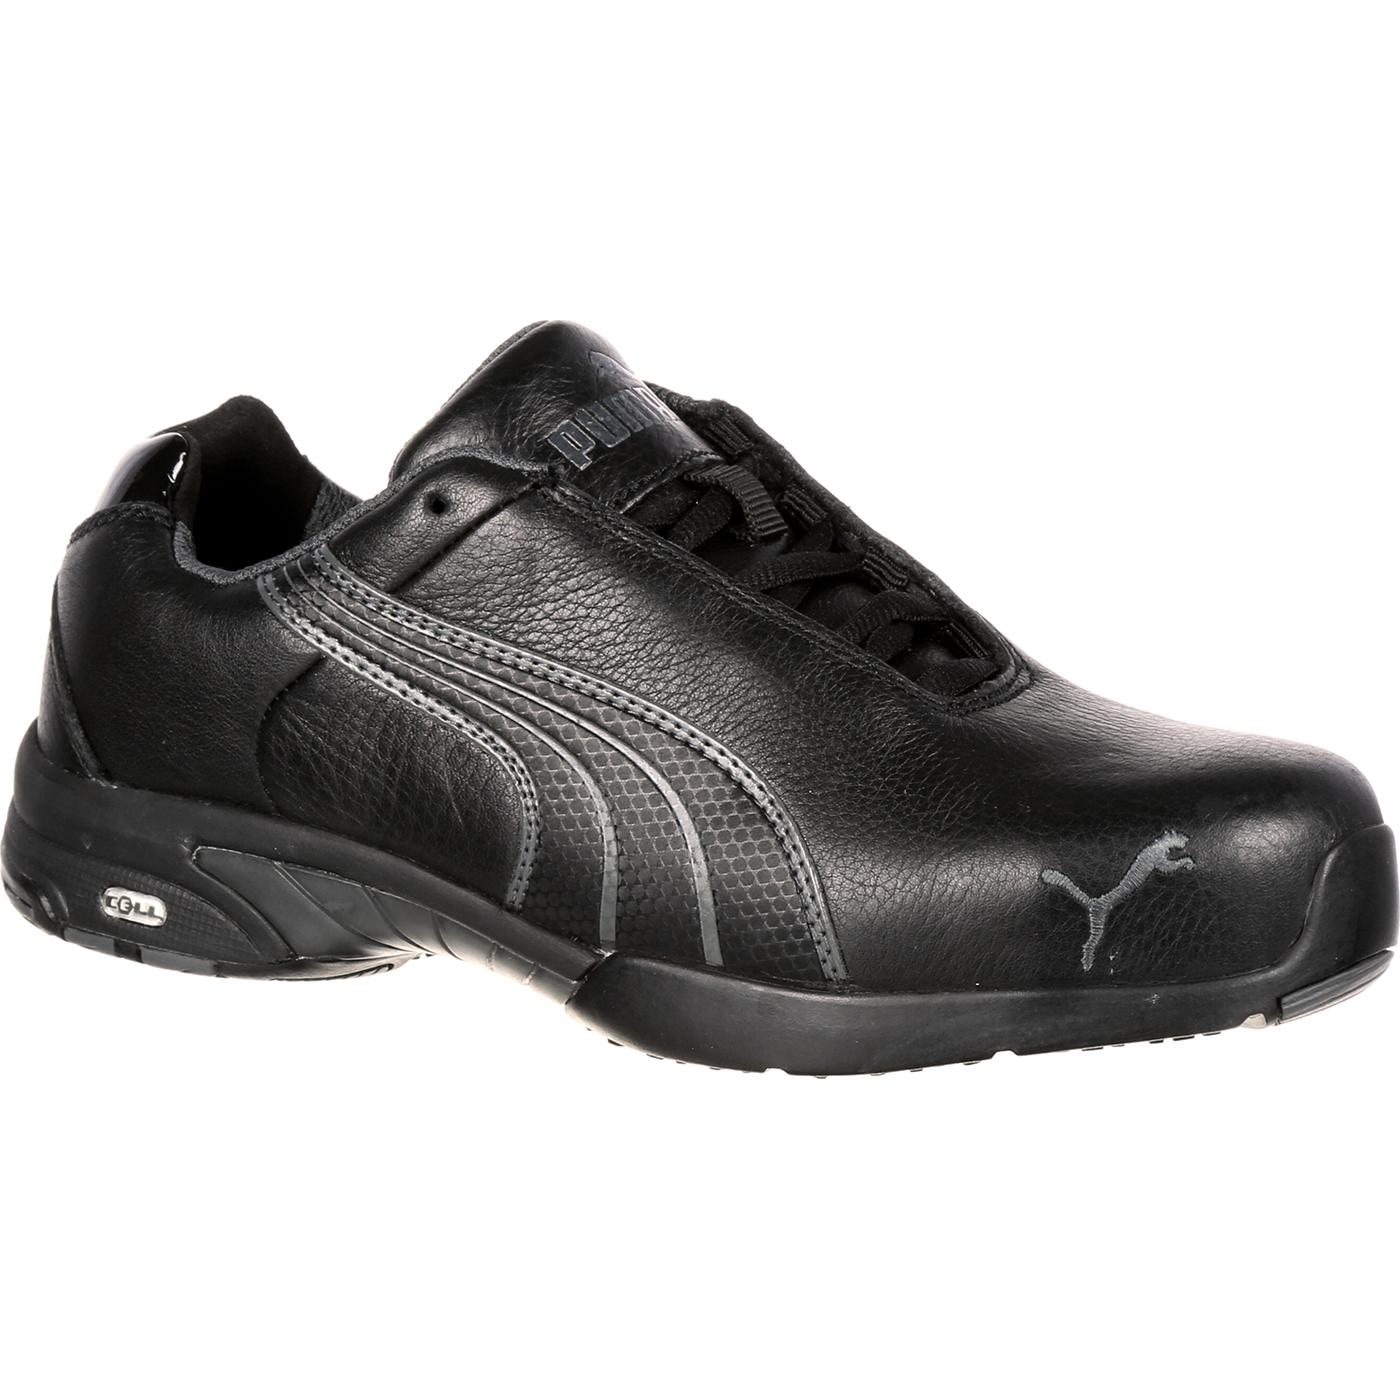 Calzado de trabajo deportivo locut con punta de acero para - Calzado de trabajo ...